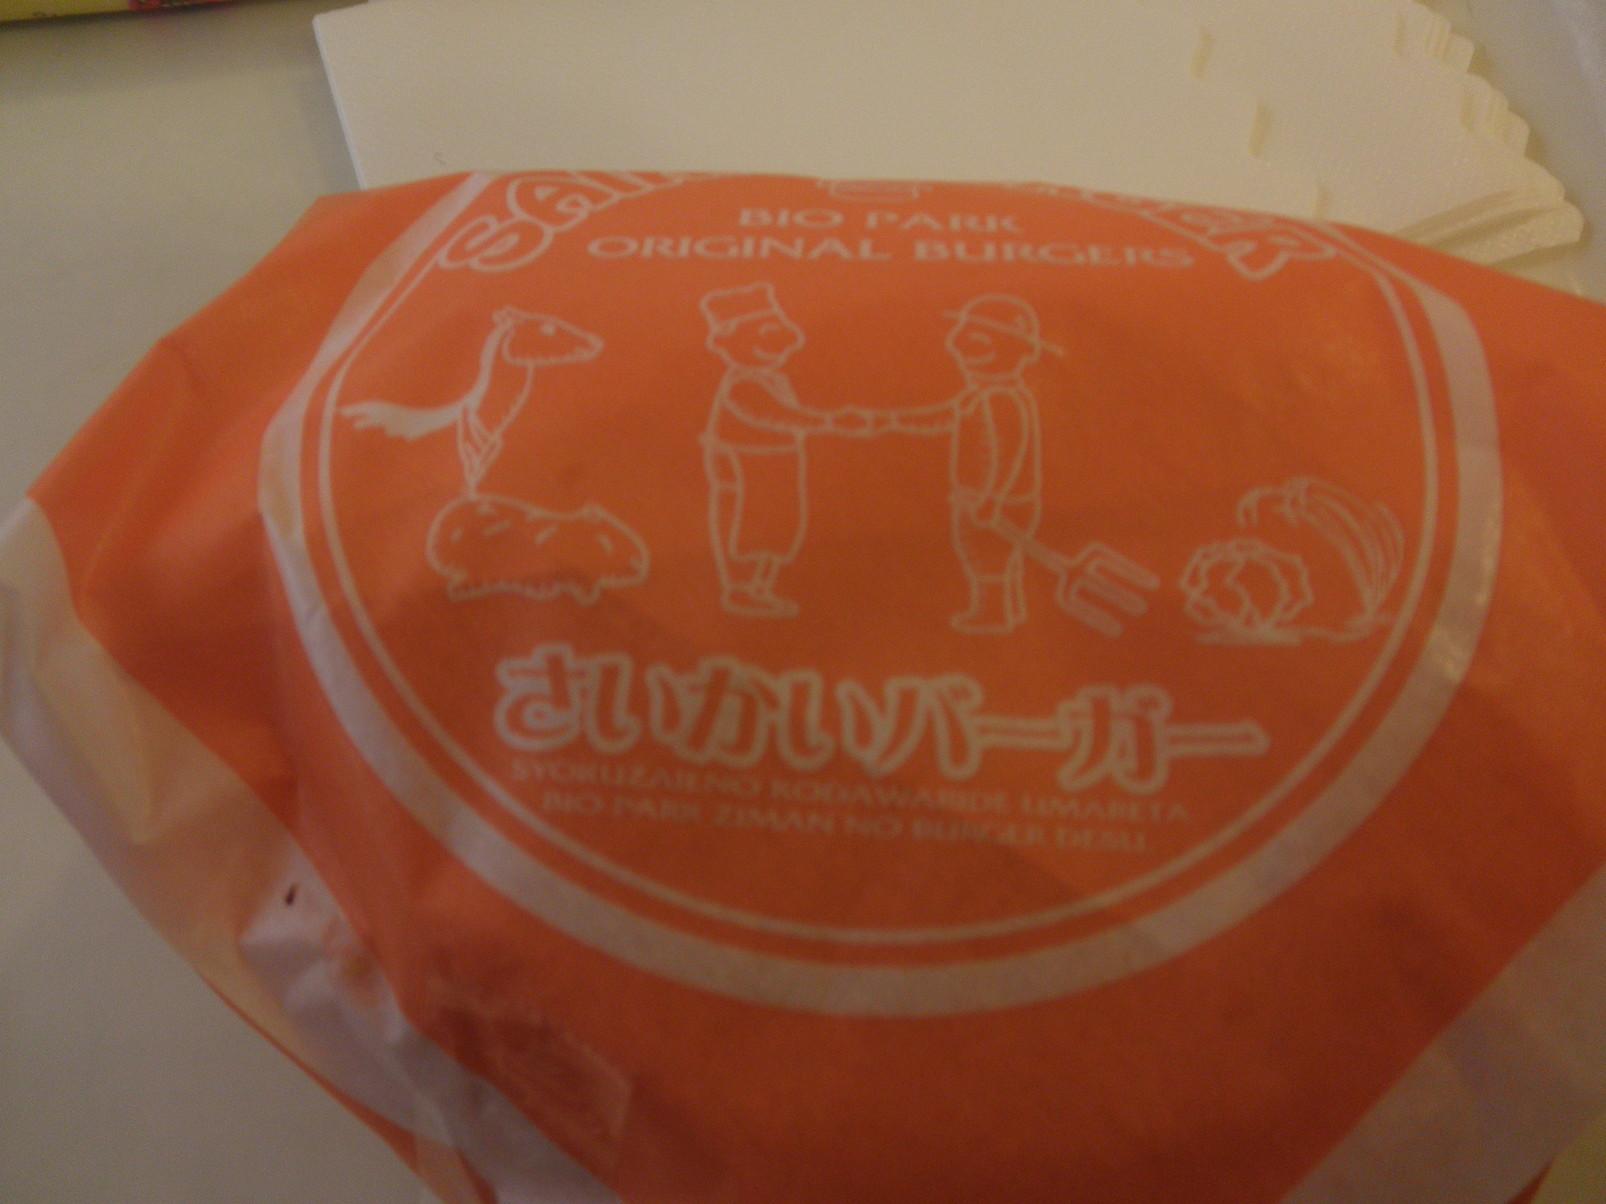 ハンバーガーショップさいかいバーガー